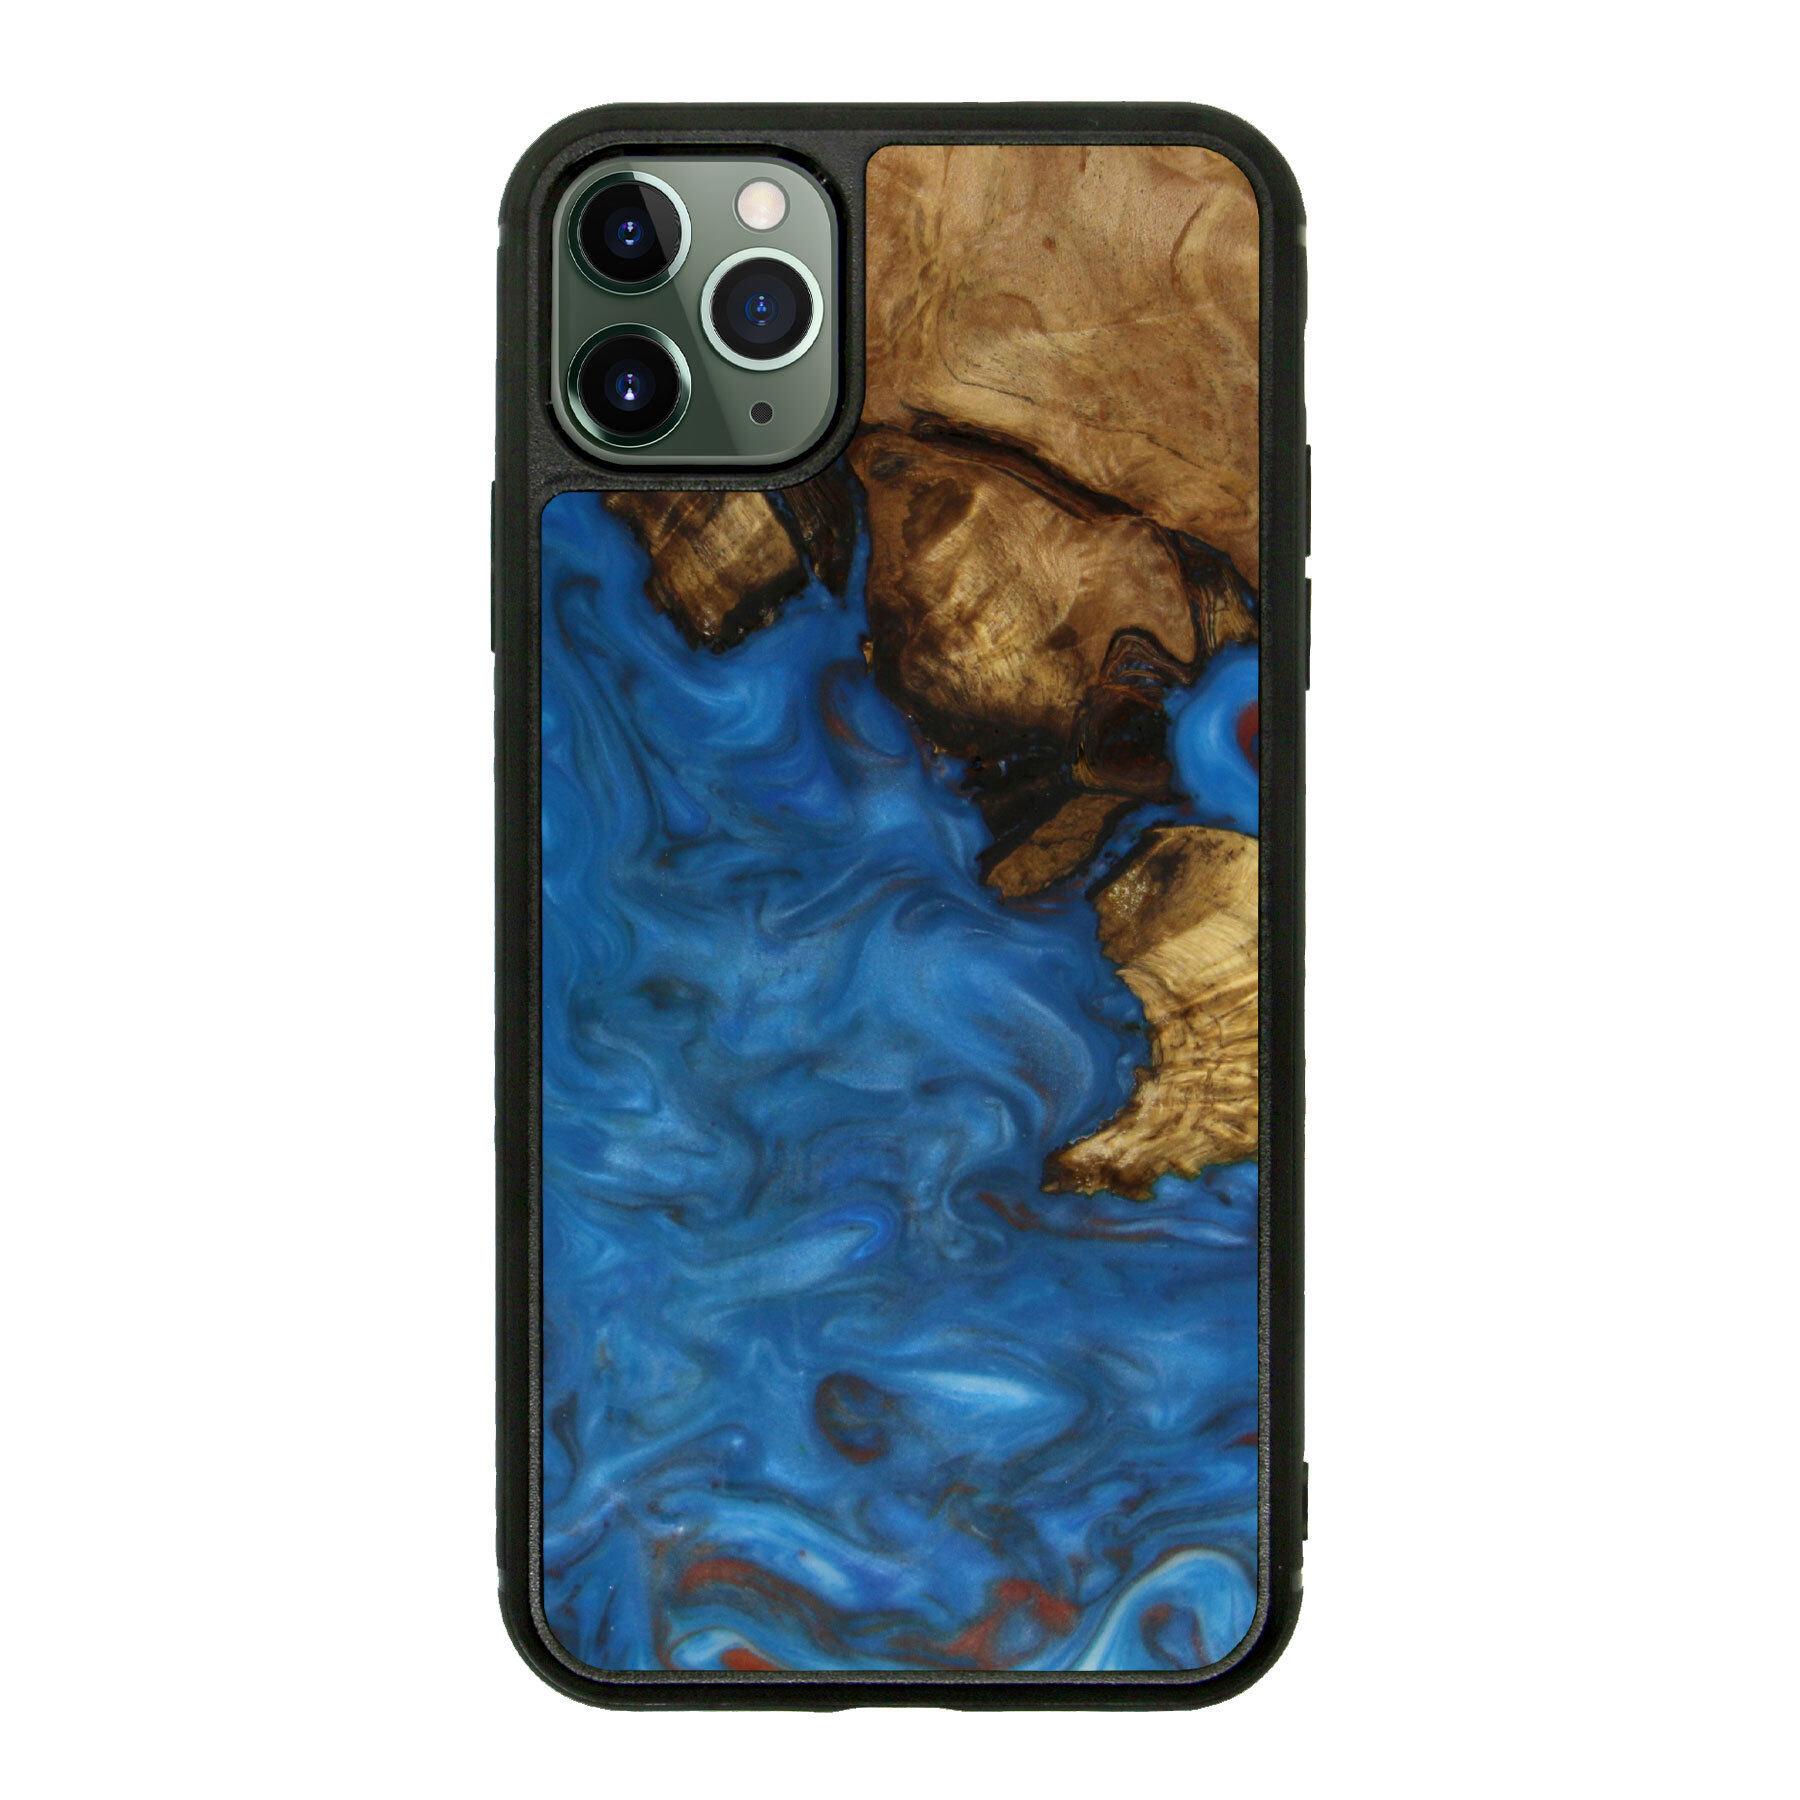 iPhone 11 ProMax Phone Case